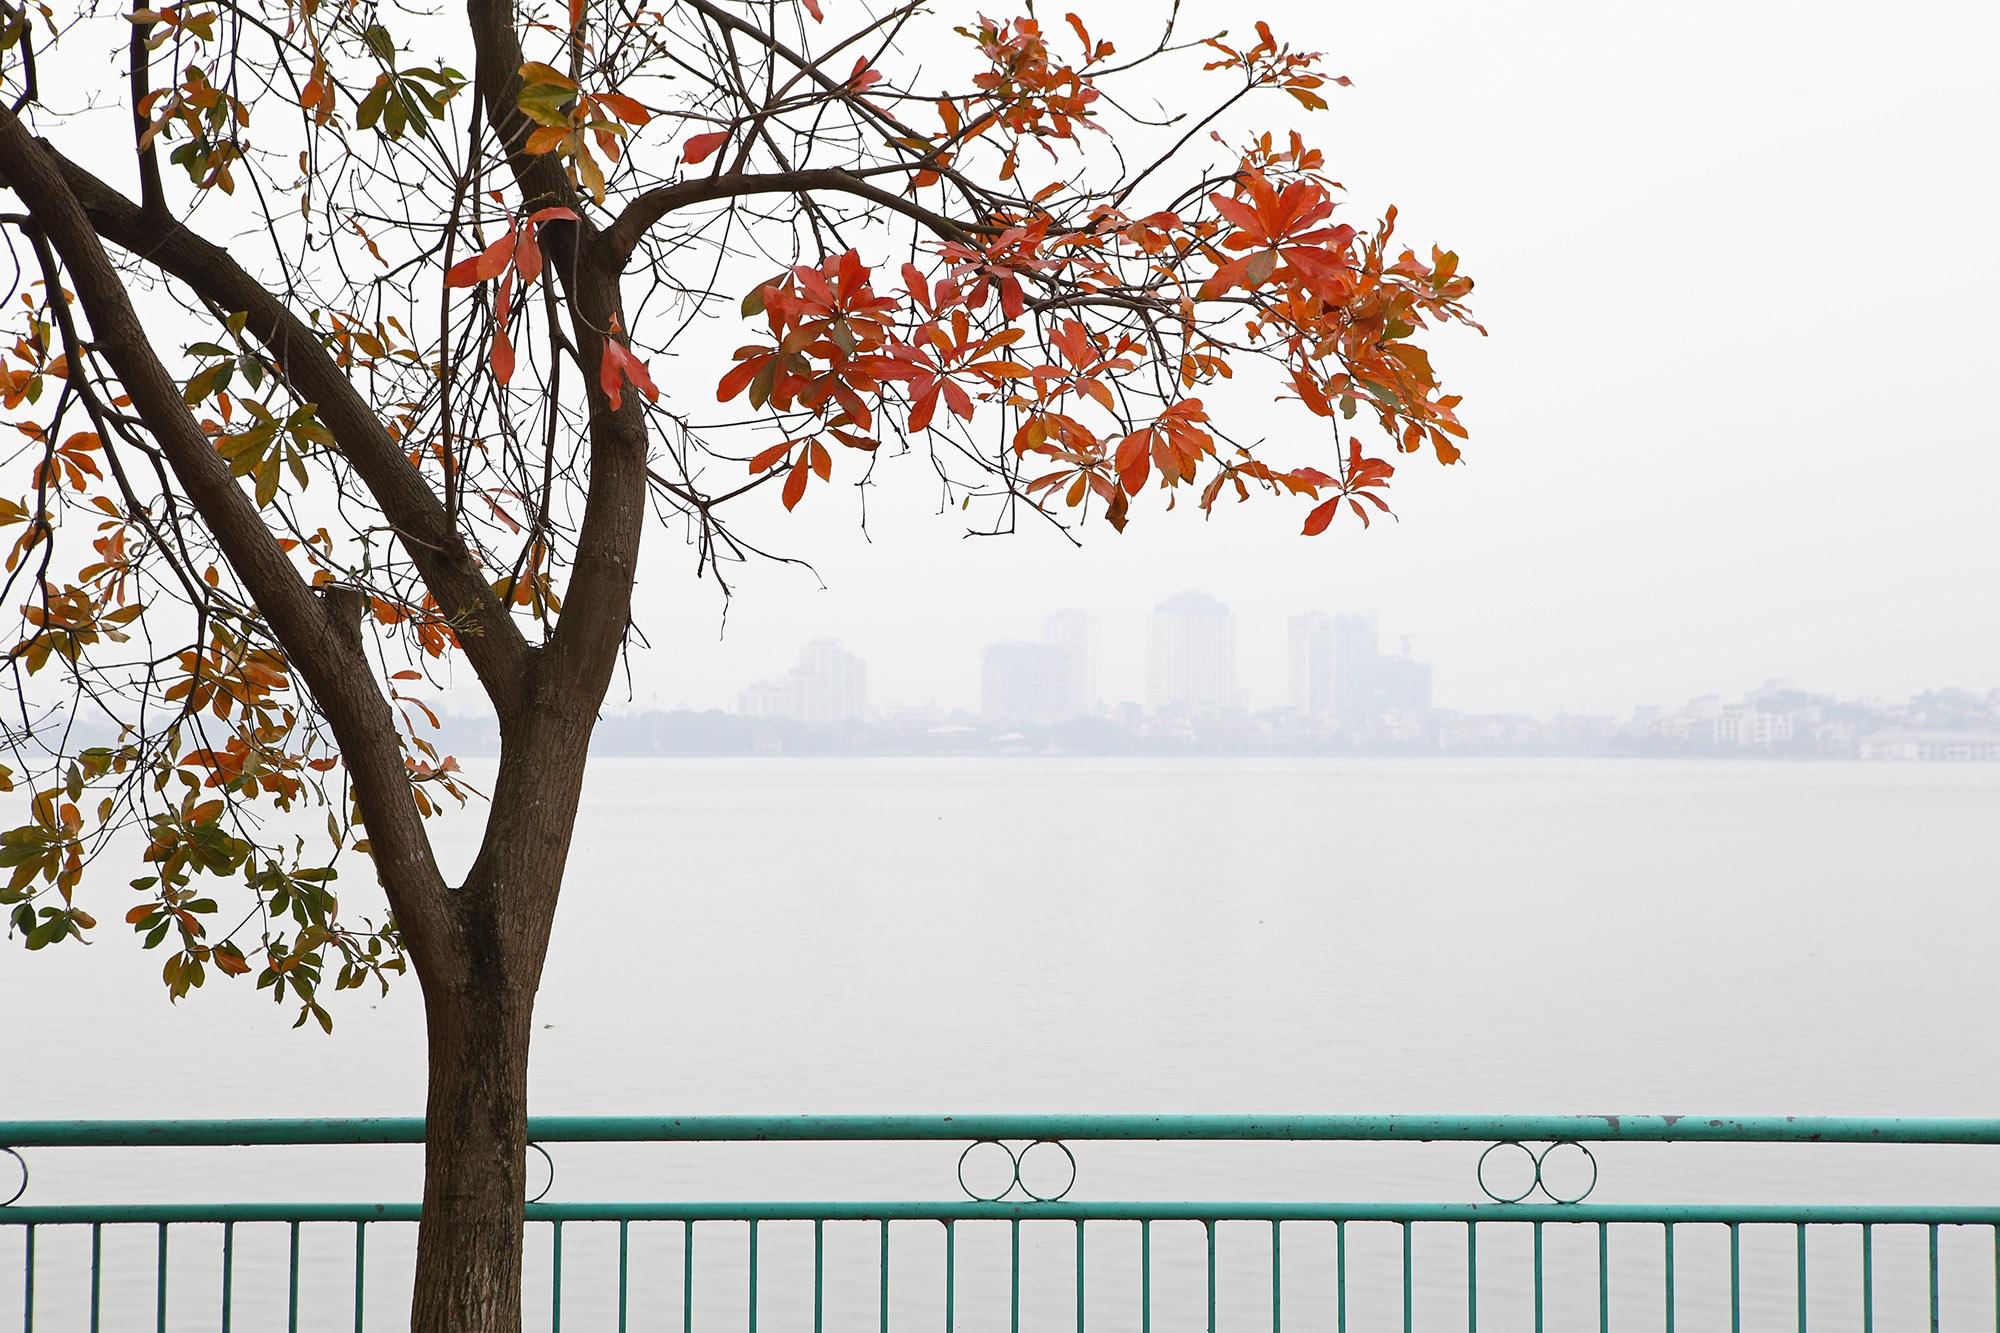 Hà Nội: Ngắm hồ Tây đẹp lãng mạn vào mùa cây thay lá - 13